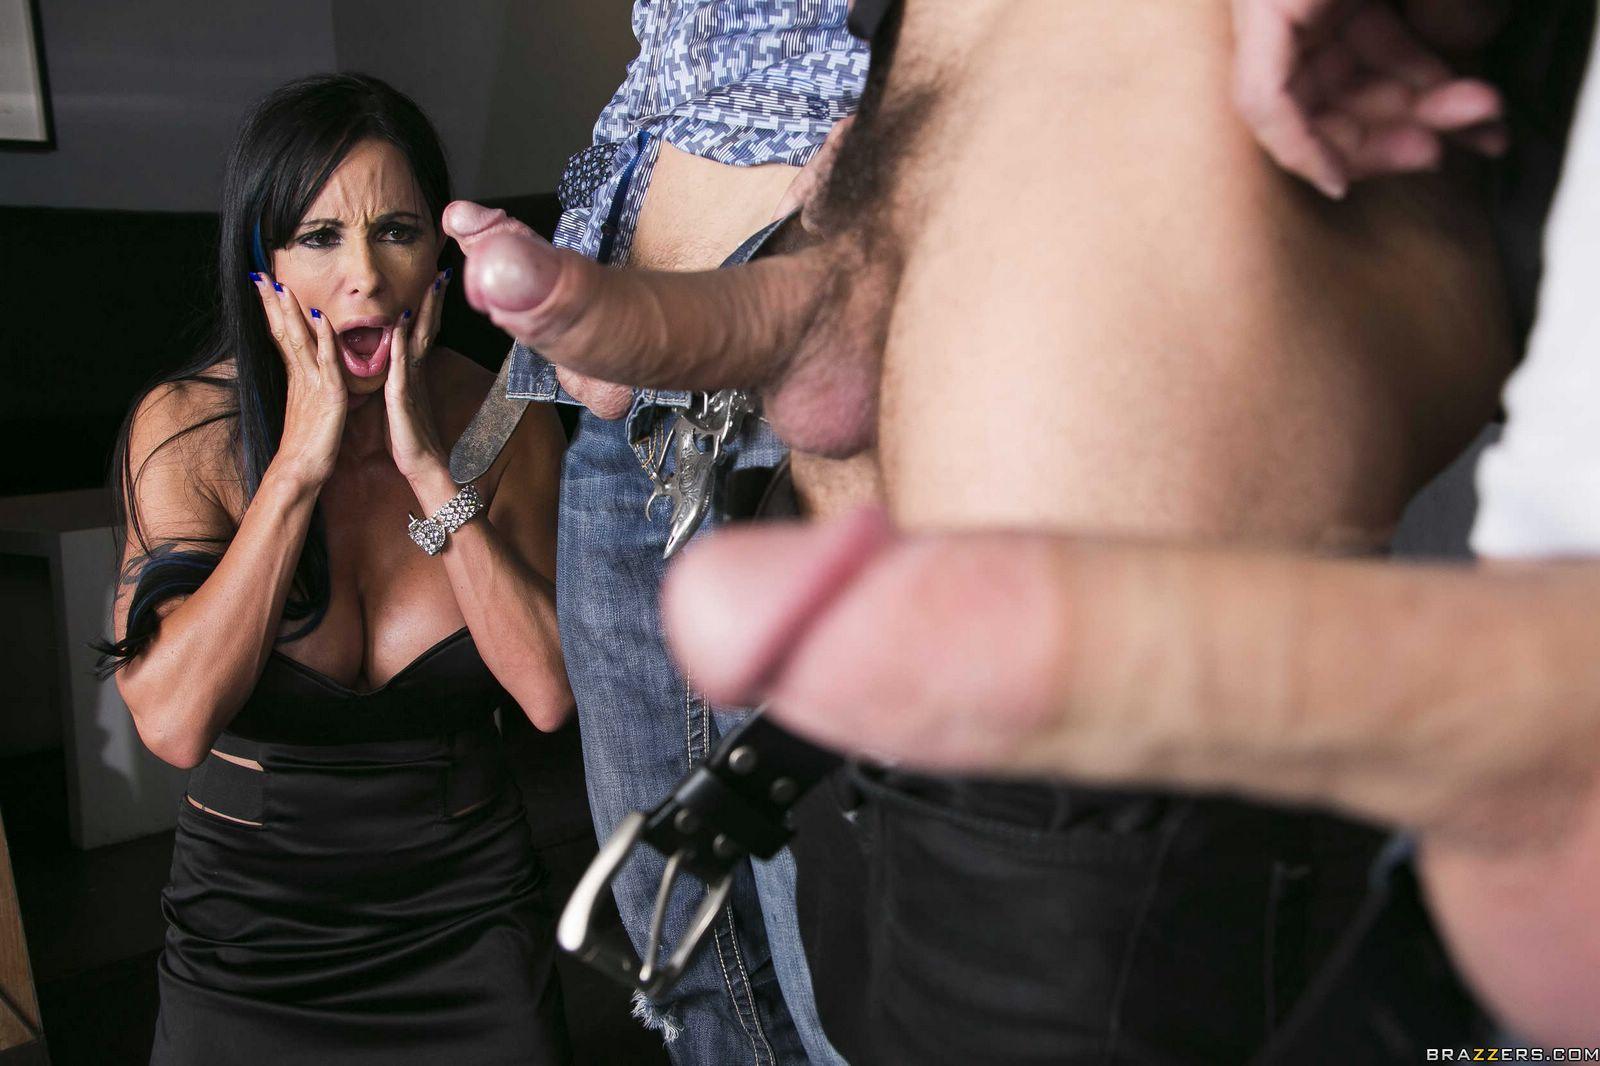 сколько в день обслуживают проститутки клиентов